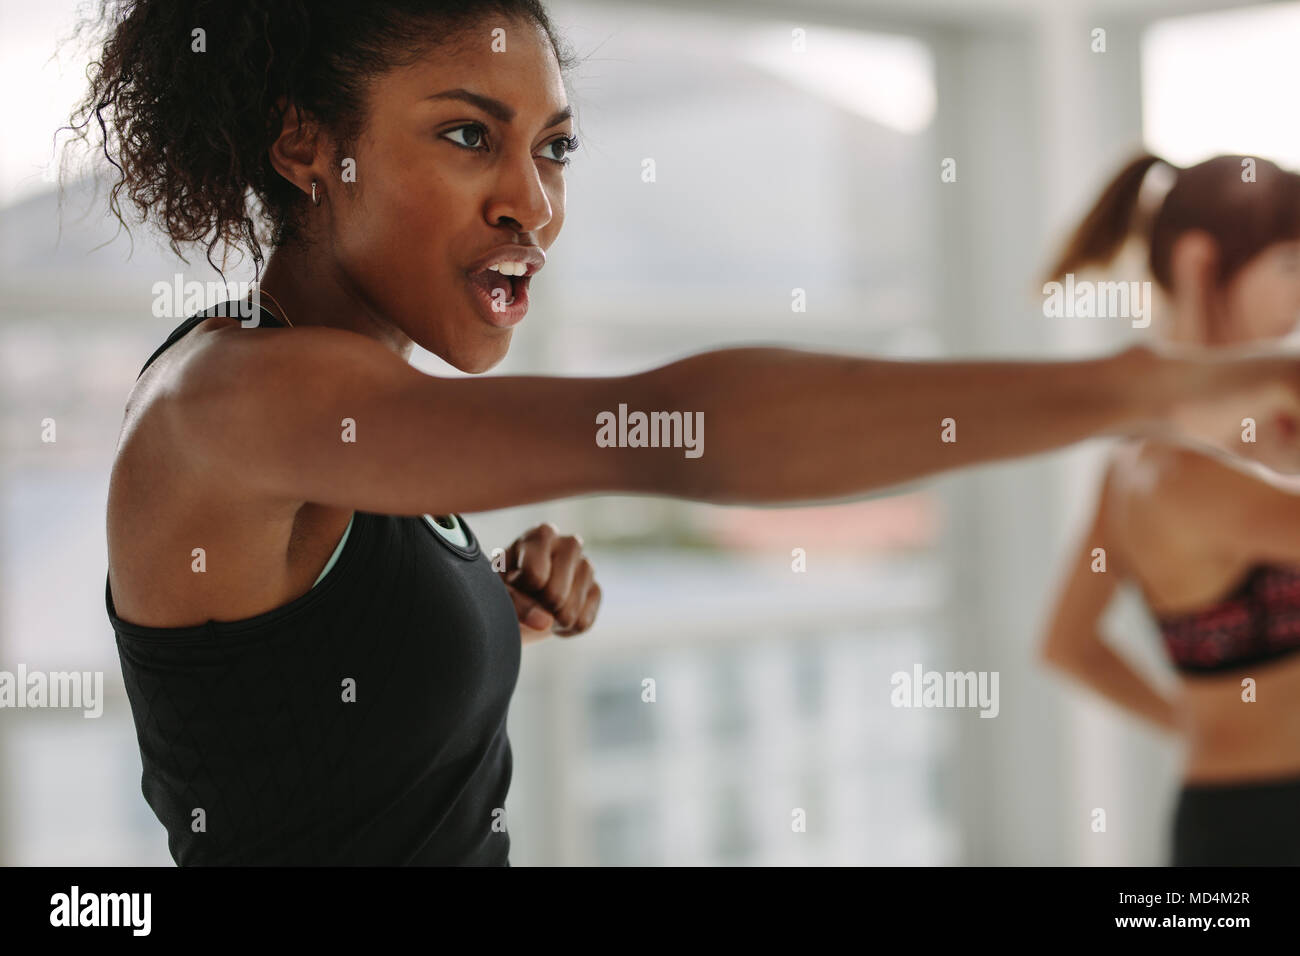 Jeune femme africaine faisant perforation intense dans la salle de sport. Jeune femme slim sportswear dans faire de l'exercice intensif au cours de la formation. circuit Photo Stock